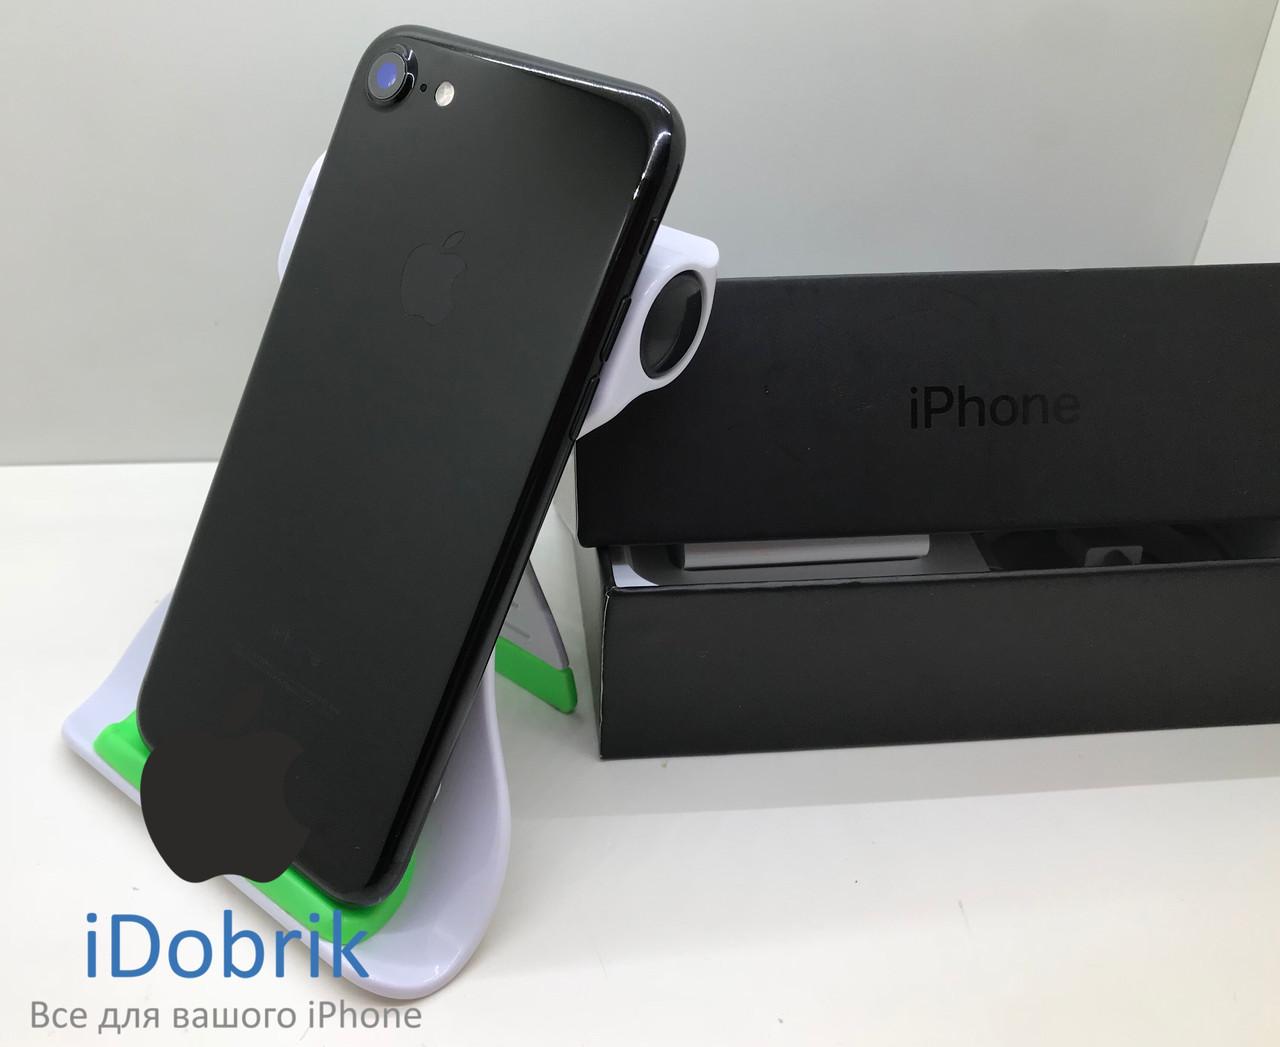 Б/У iPhone 7 32gb Jet Black Neverlock 10/10